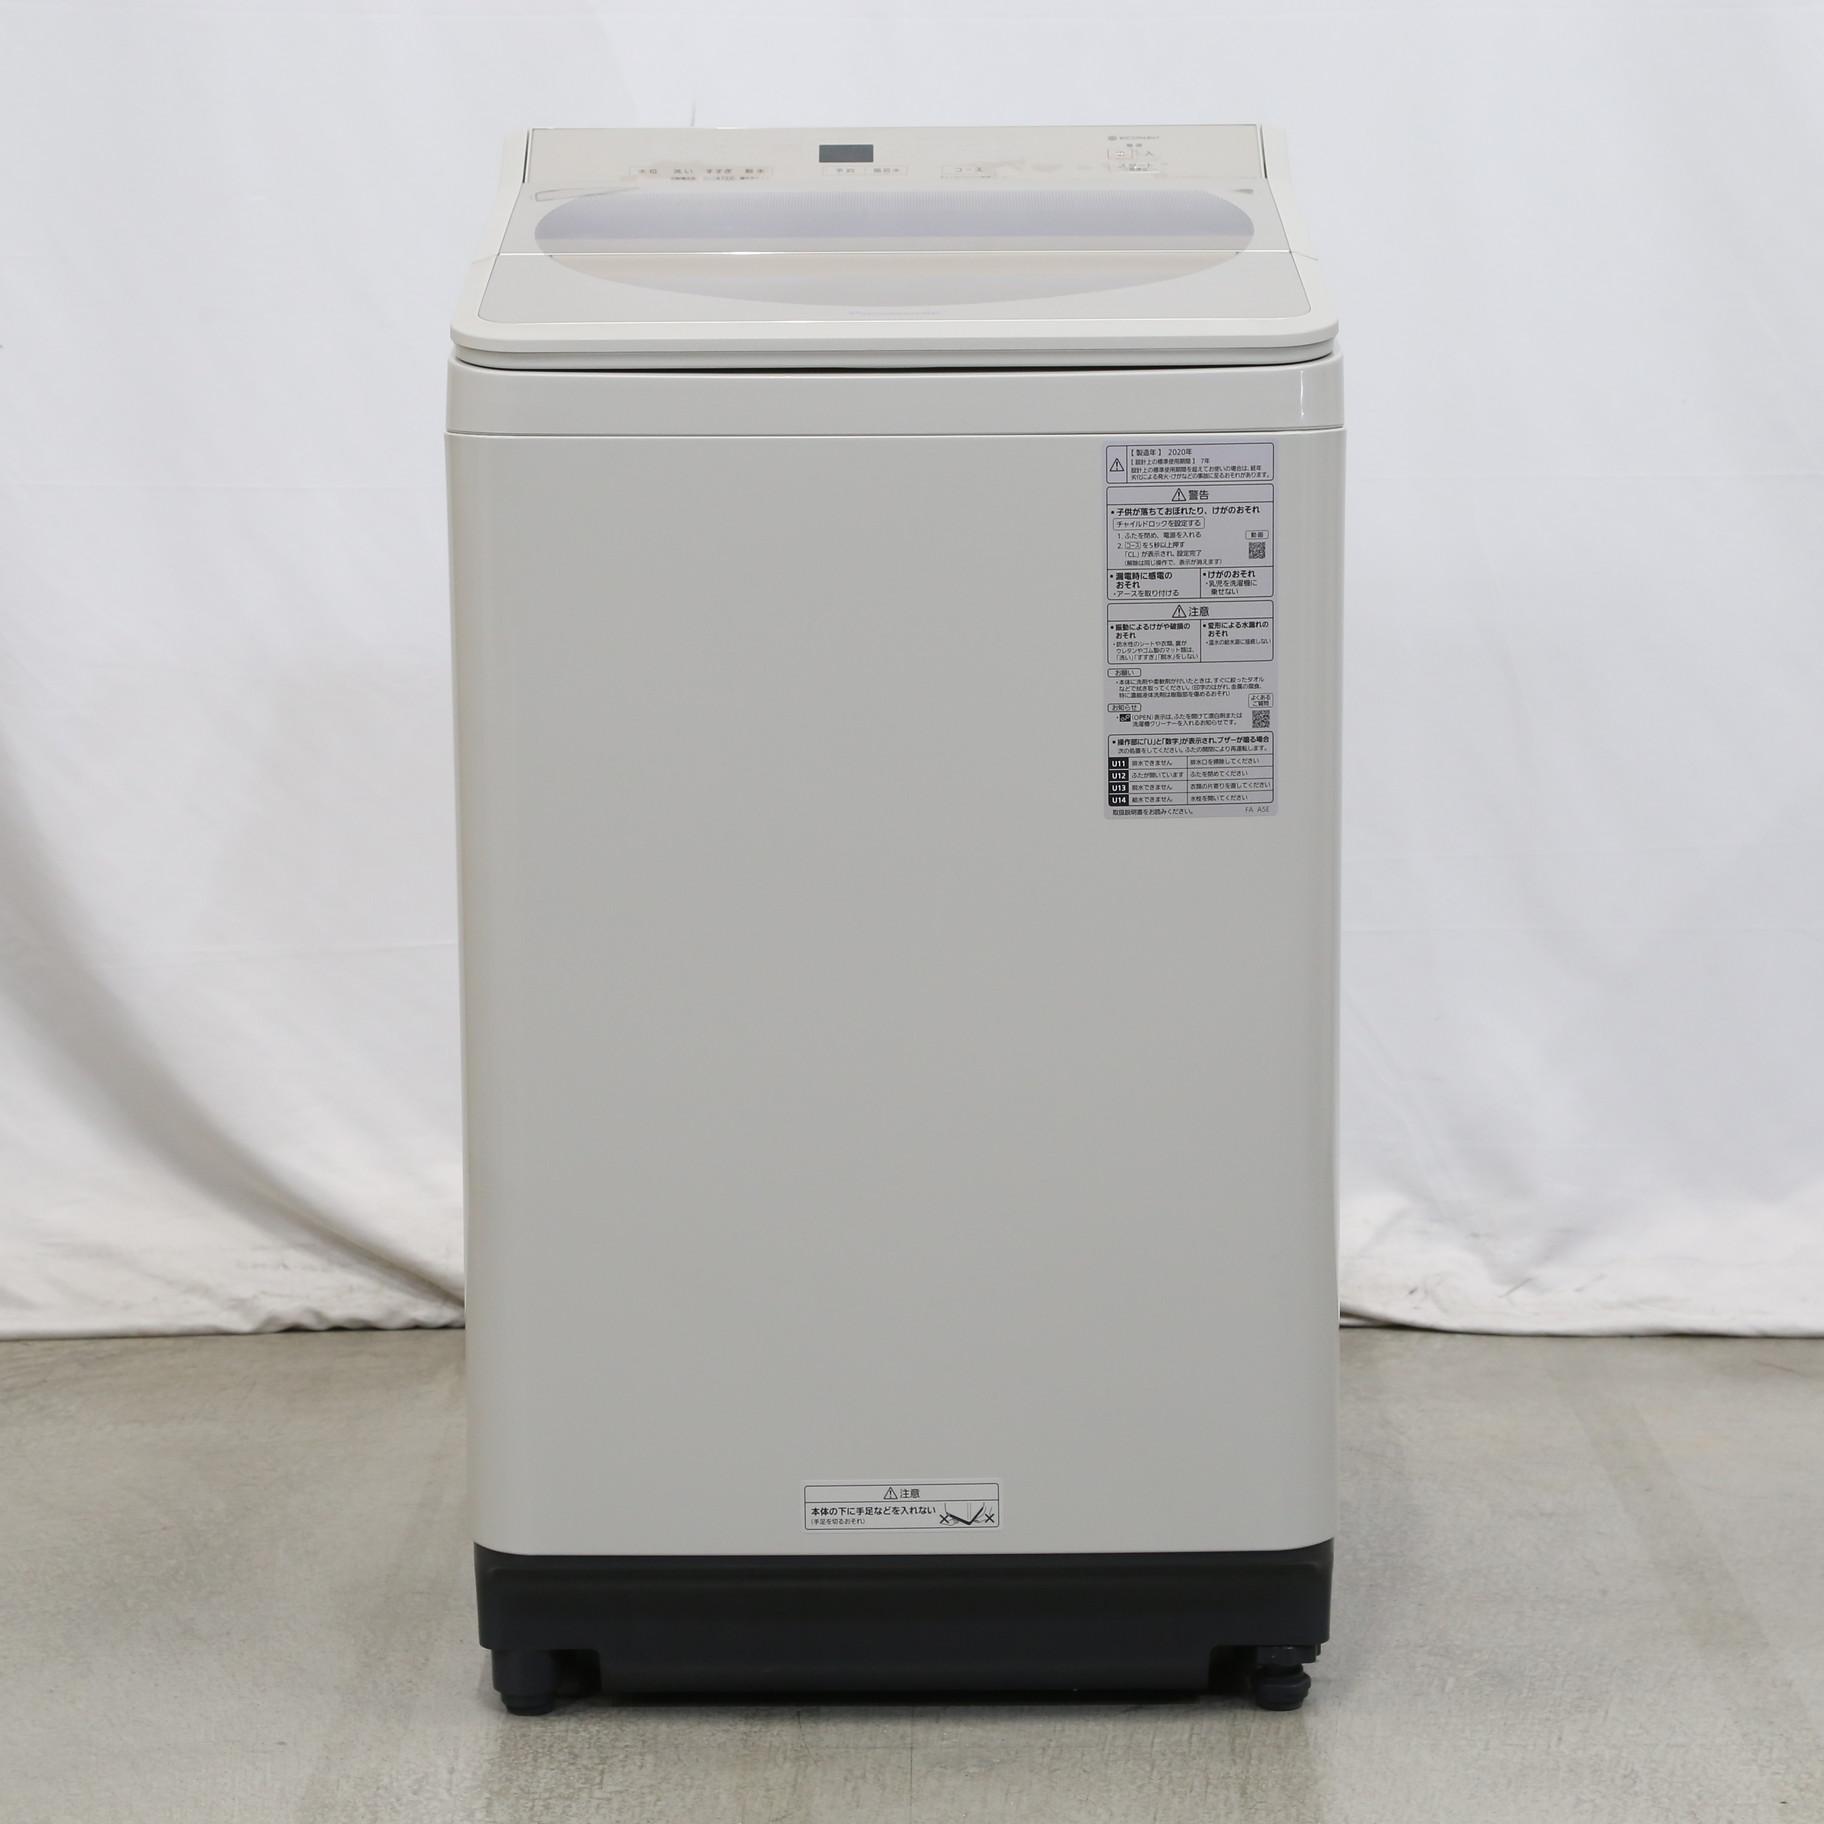 説明 パナソニック 洗濯 書 機 自分流、わたし流、おうち流…洗濯機がメーカーを横断して落合だった ::